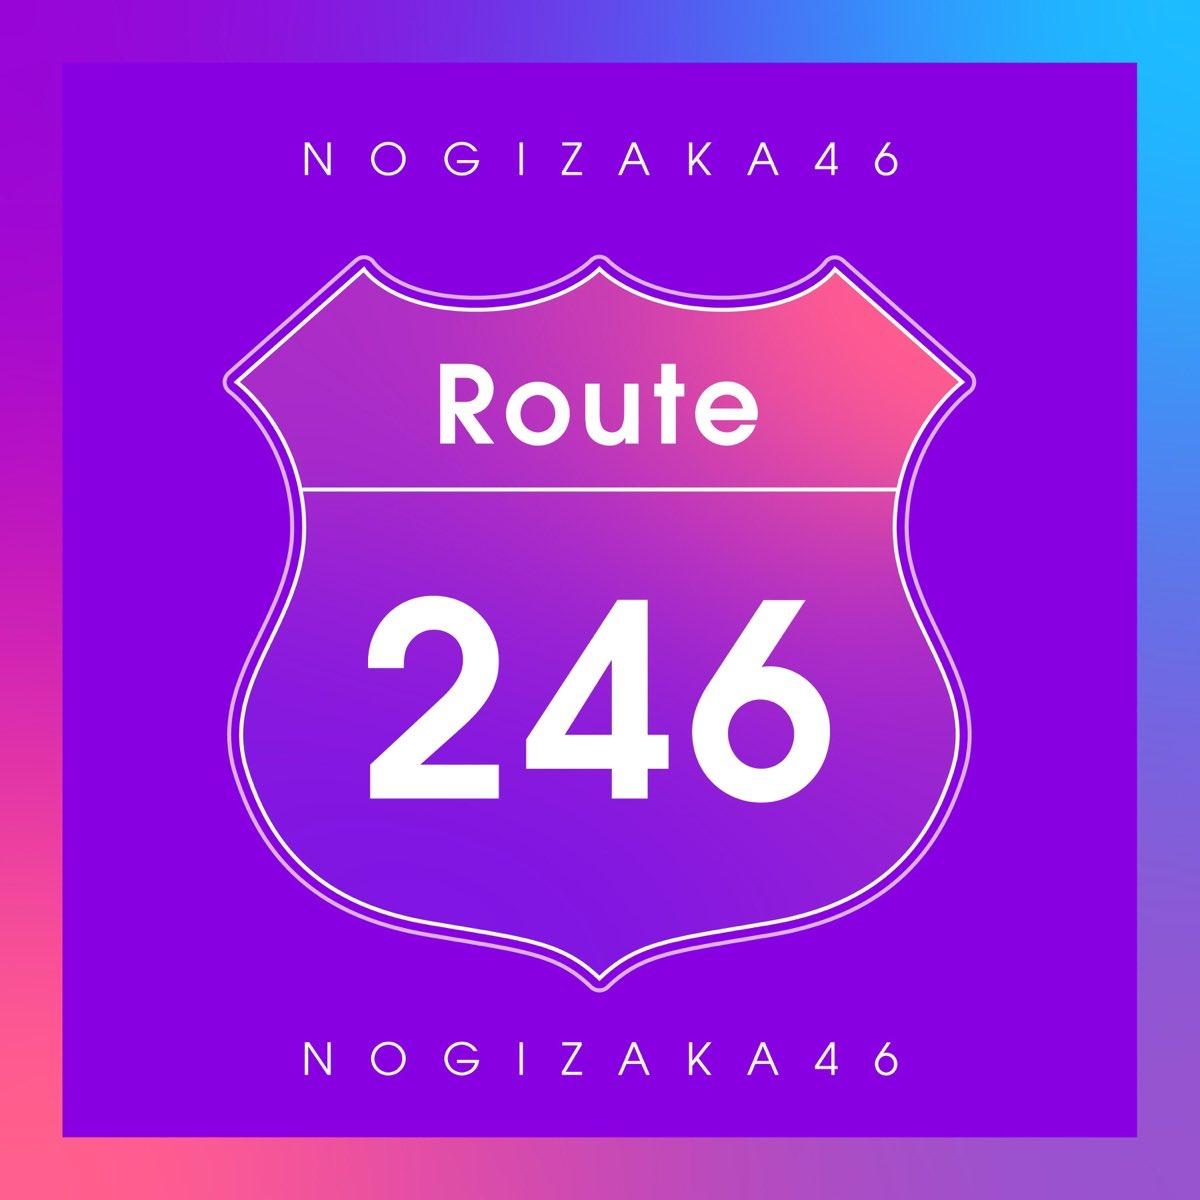 乃木坂46 - Route 246 [2020.07.24+MP3+RAR]